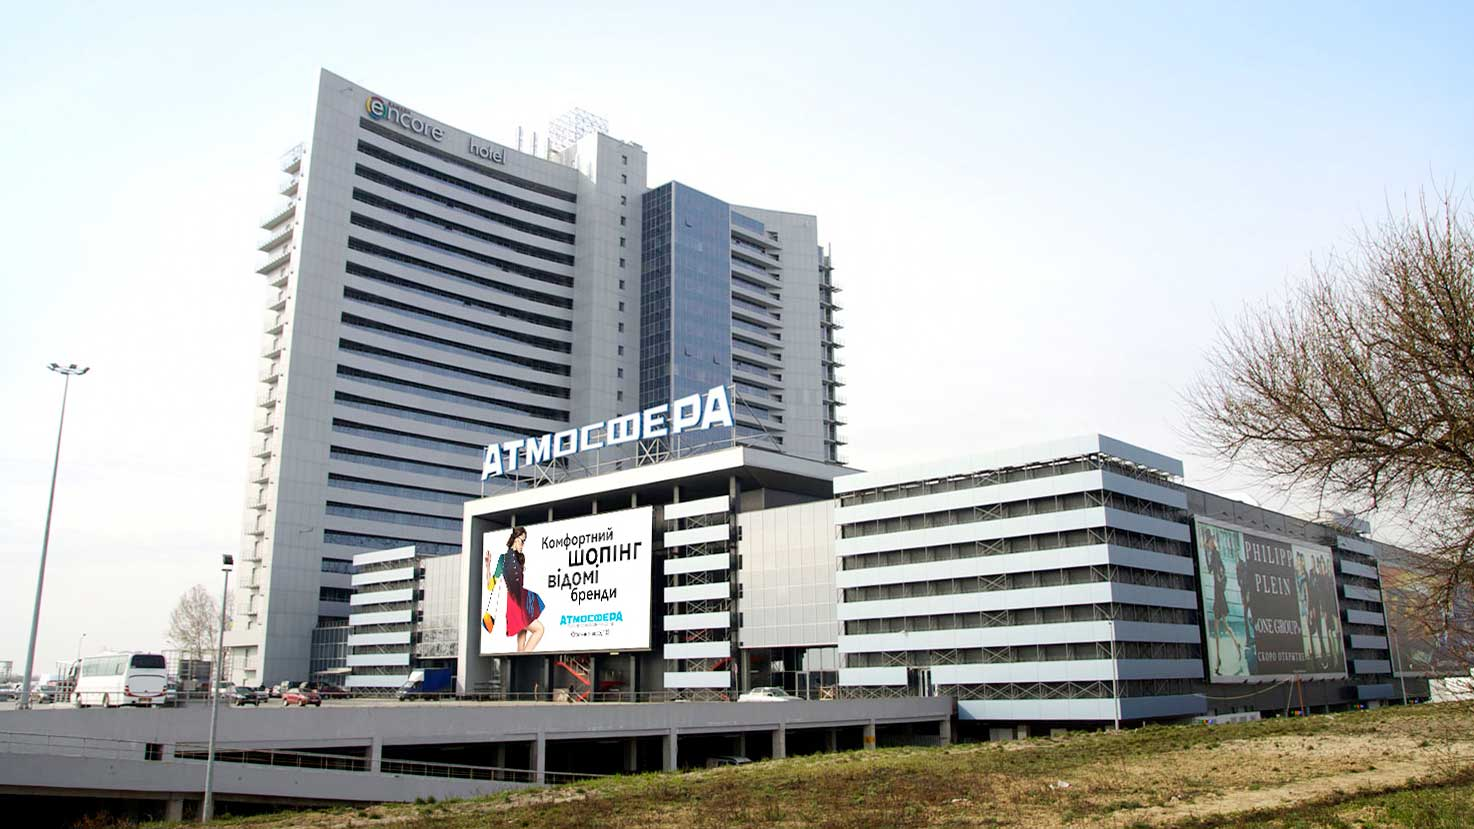 ТРЦ «Атмосфера» - Строительная компания «Riola»